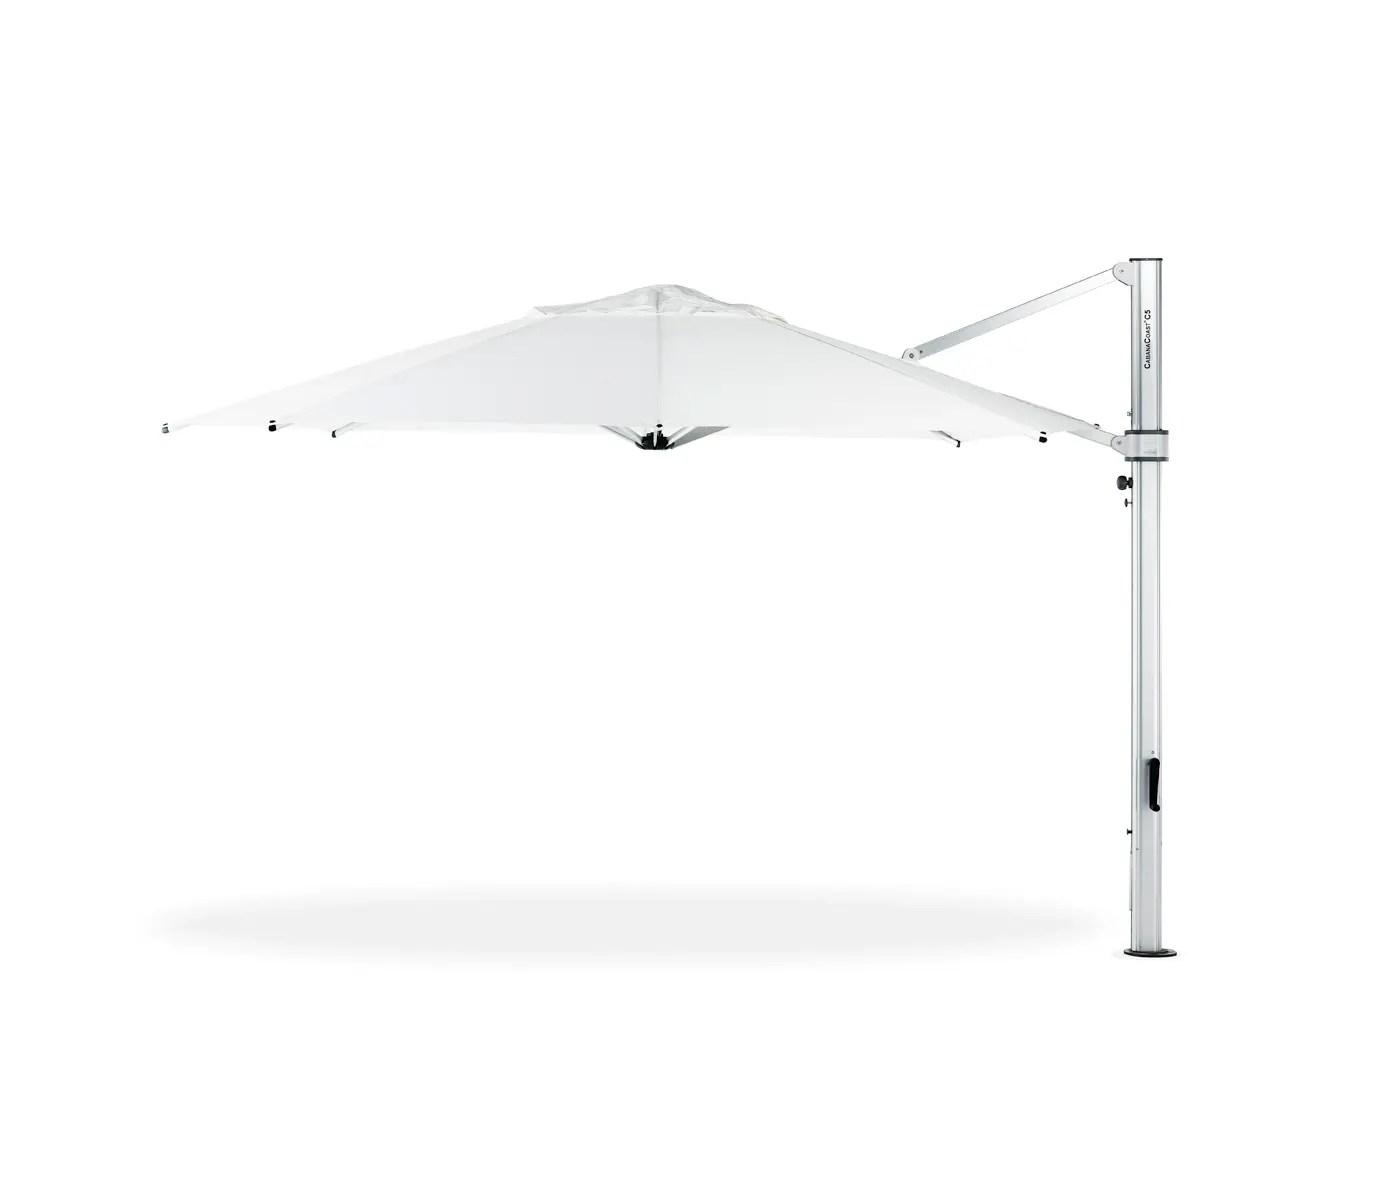 commercial outdoor umbrellas shop